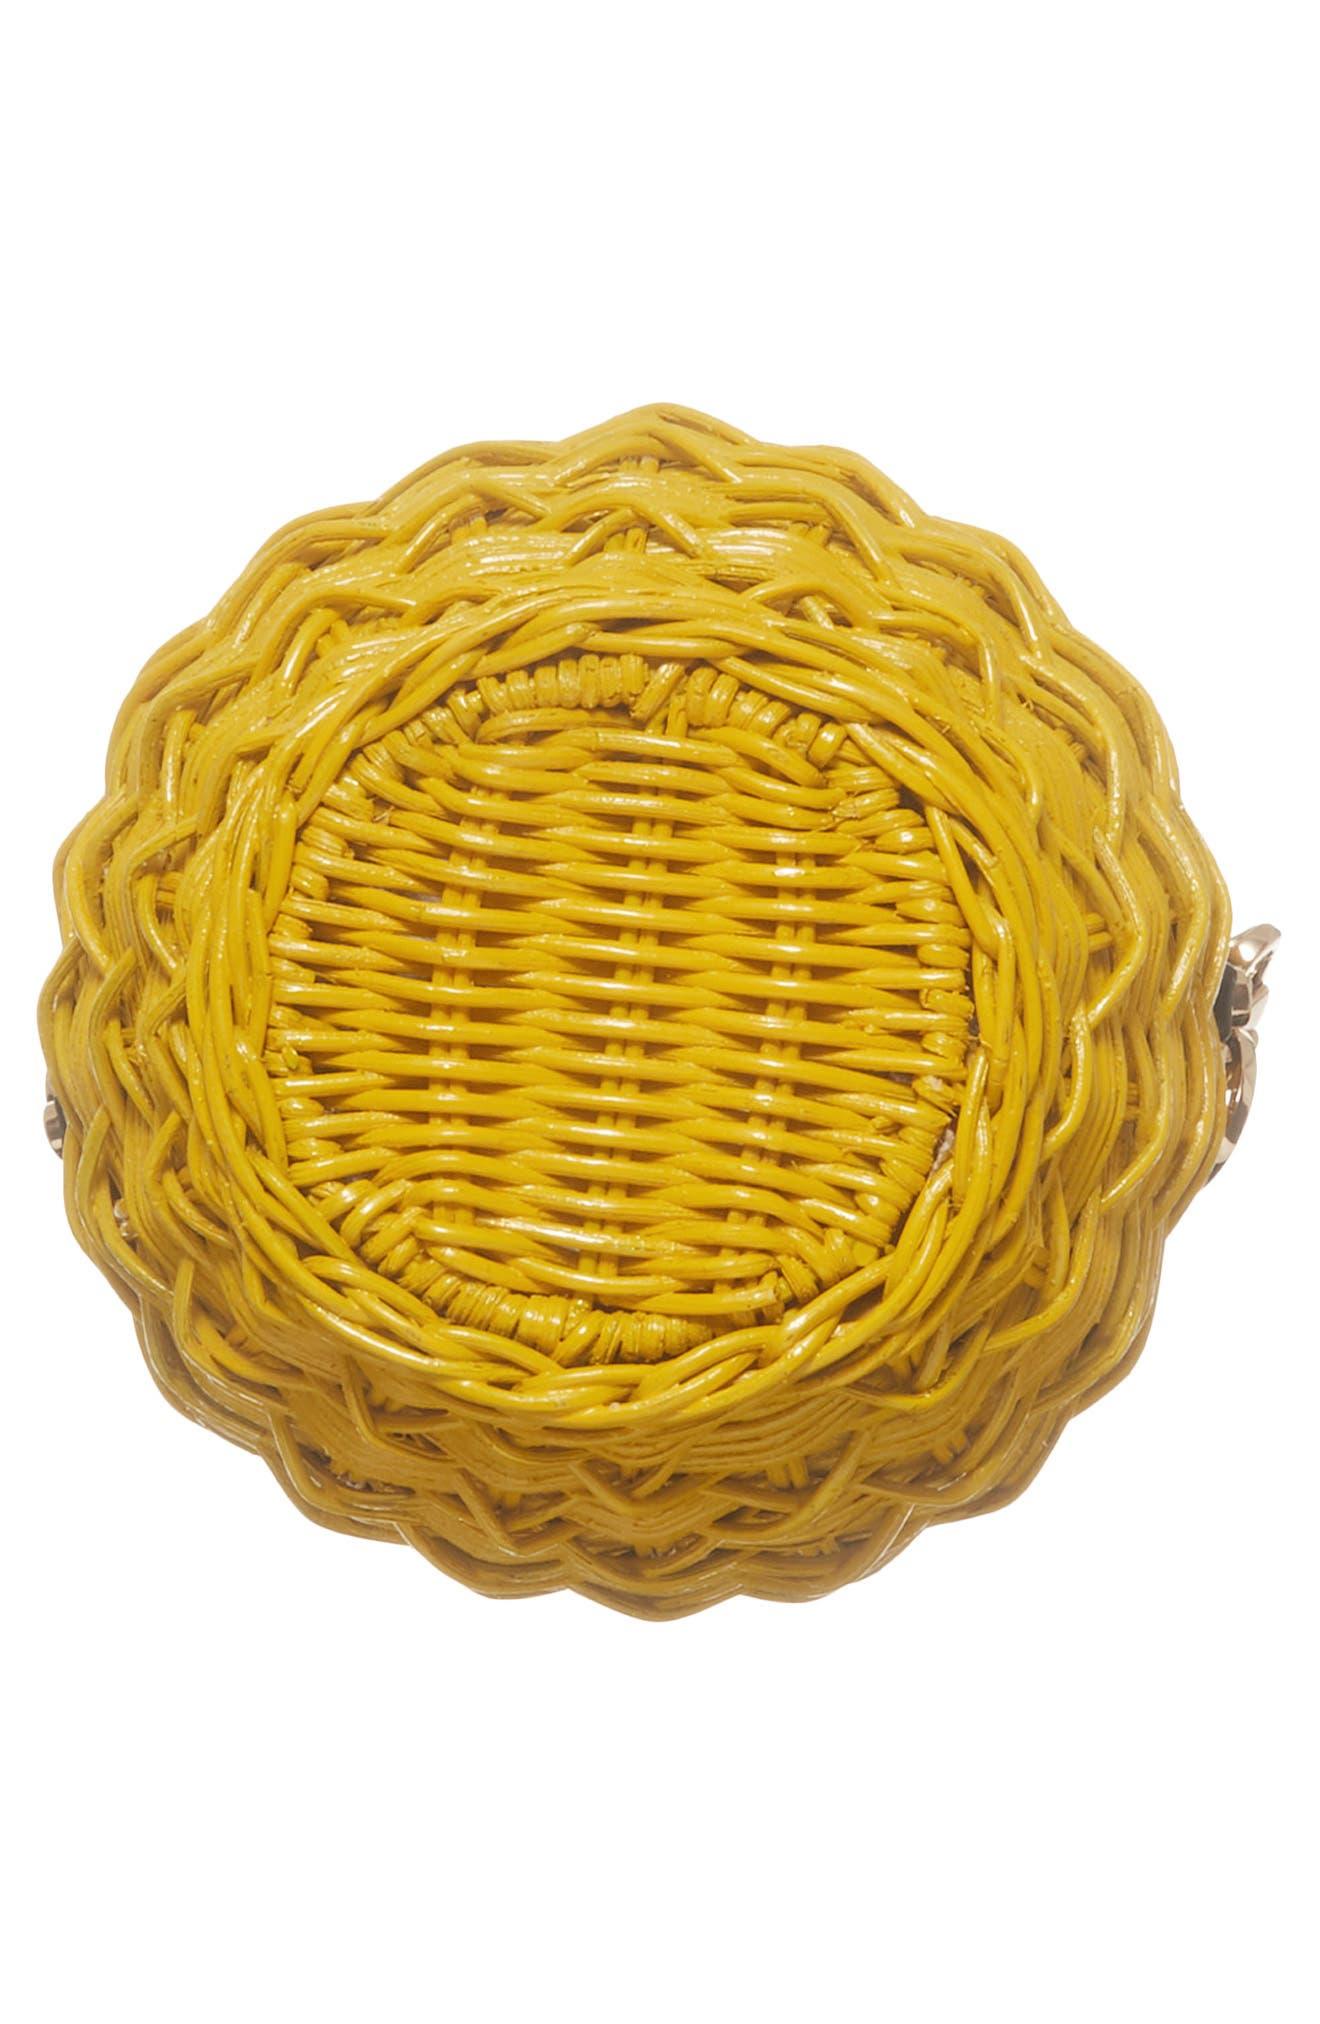 MICHAEL Michael Kors Wicker Pineapple Shoulder Bag,                             Alternate thumbnail 6, color,                             Sunflower